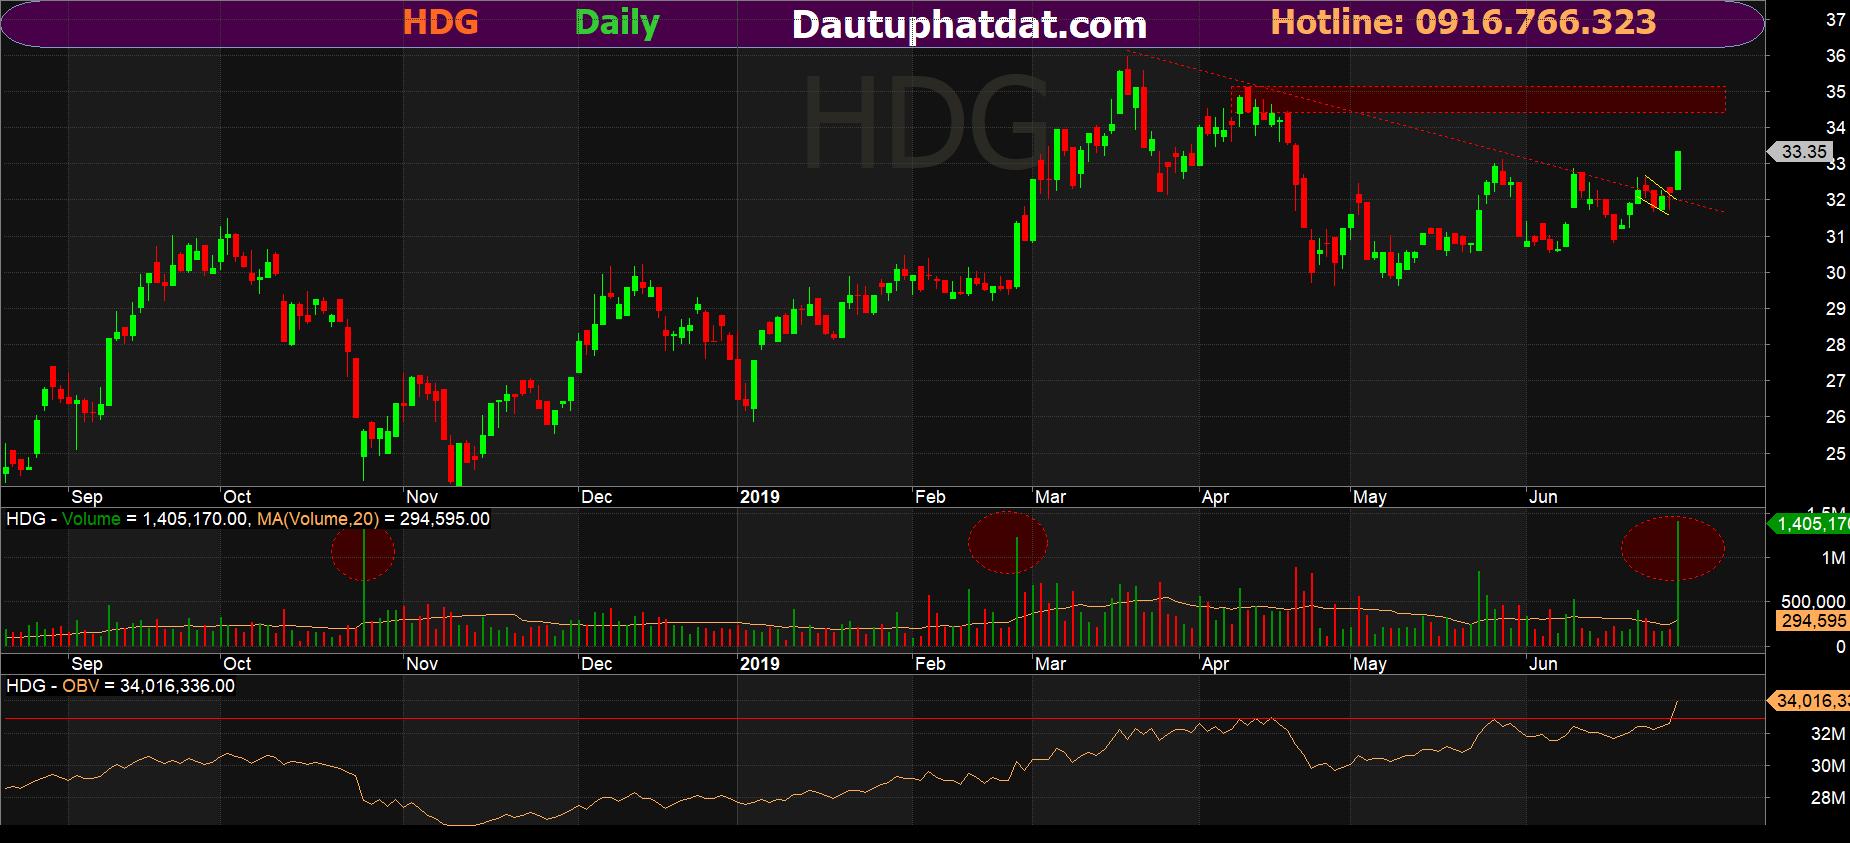 Đồ thị ngày cổ phiếu HDG